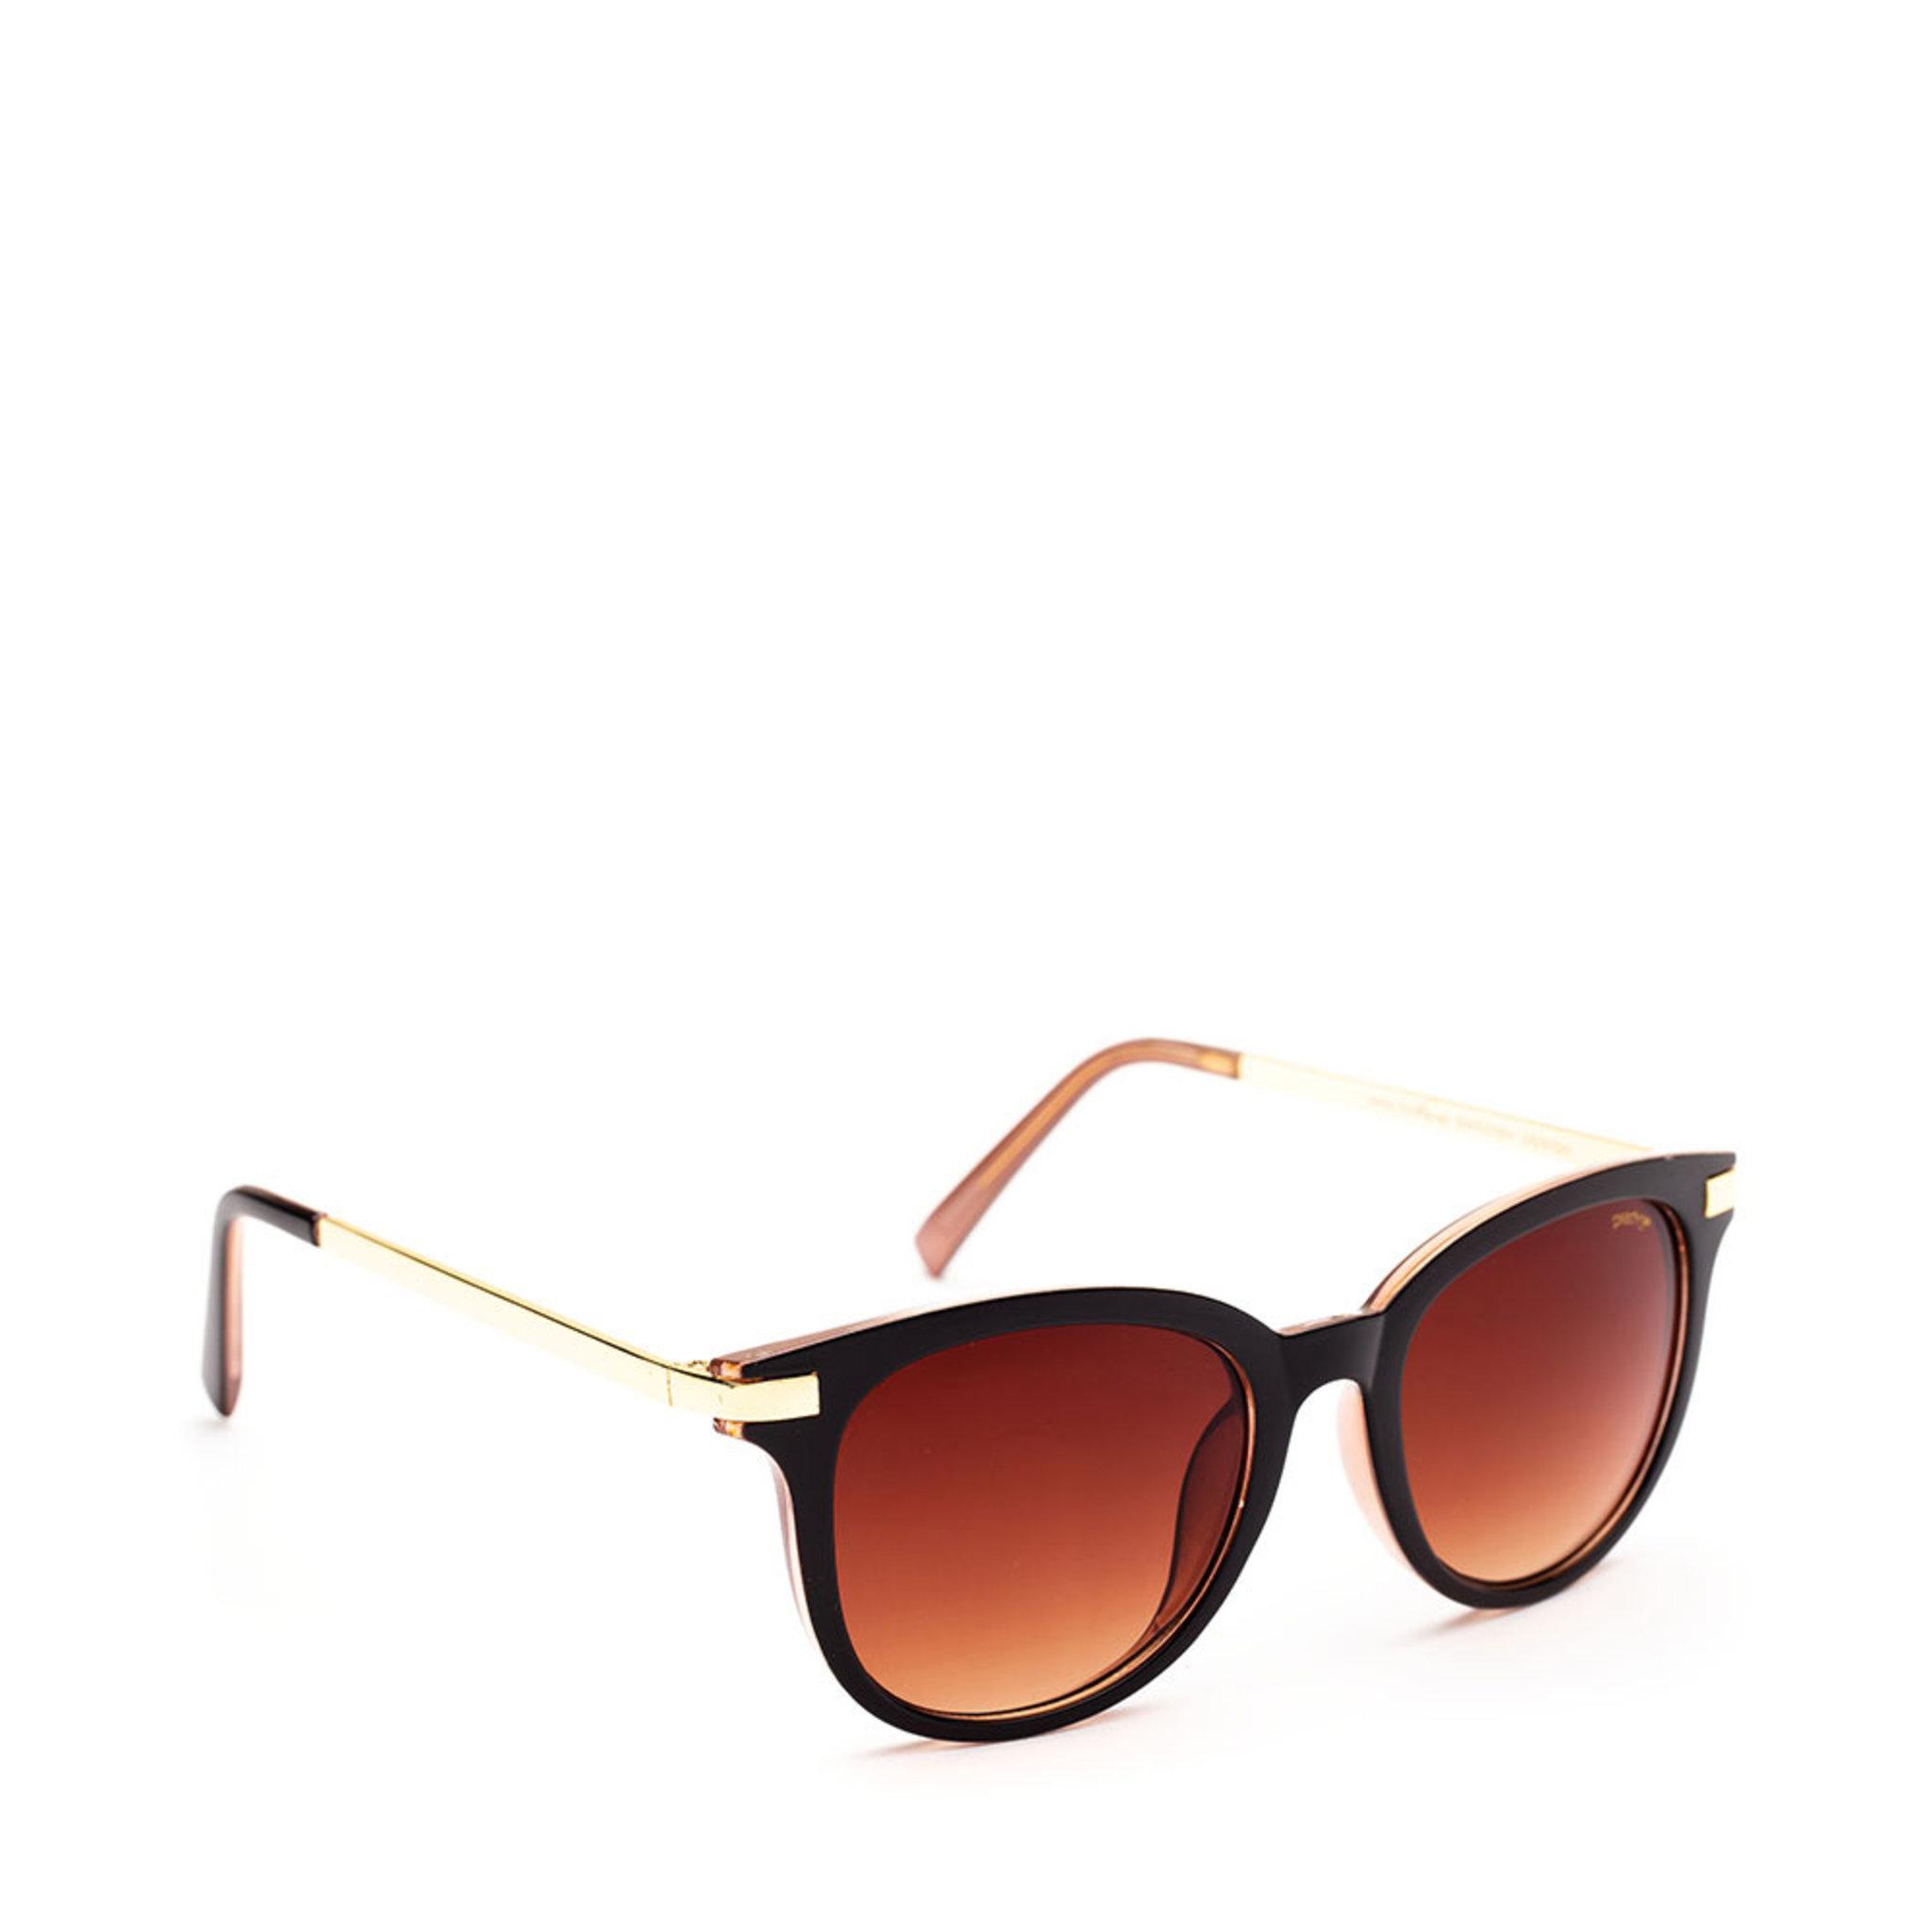 Solglasögon Victoria